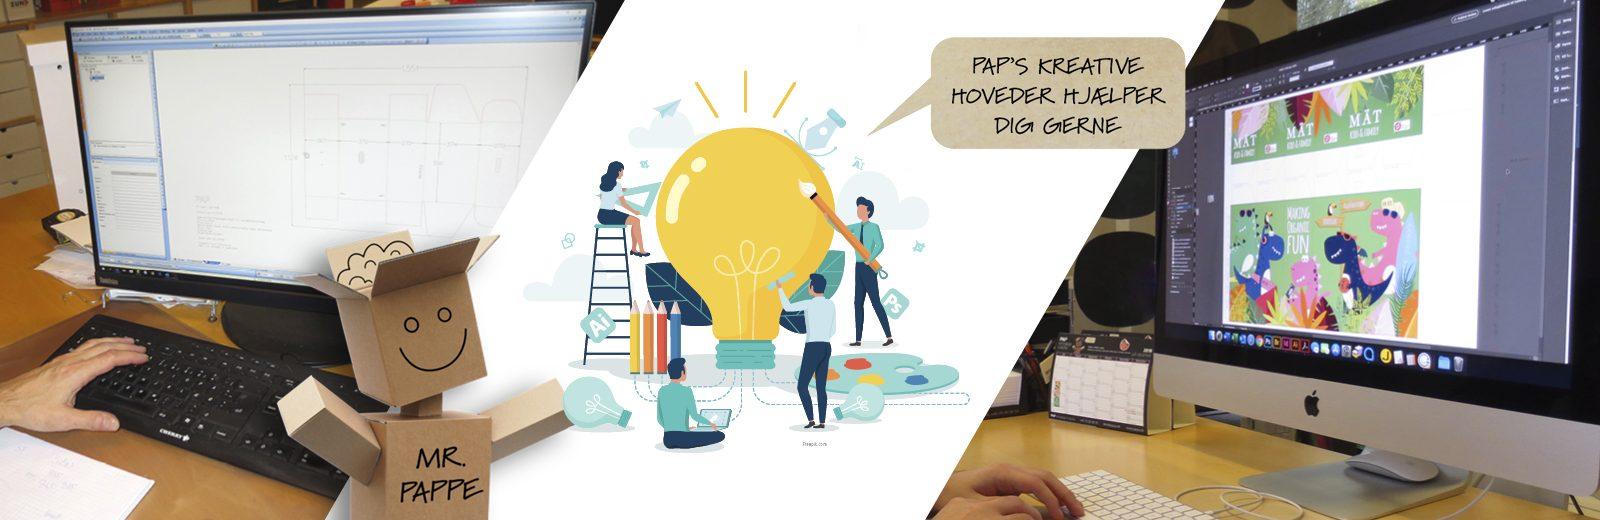 Designafdelingen tilbyder: Idé, udvikling, test, konstruktion og grafisk layout